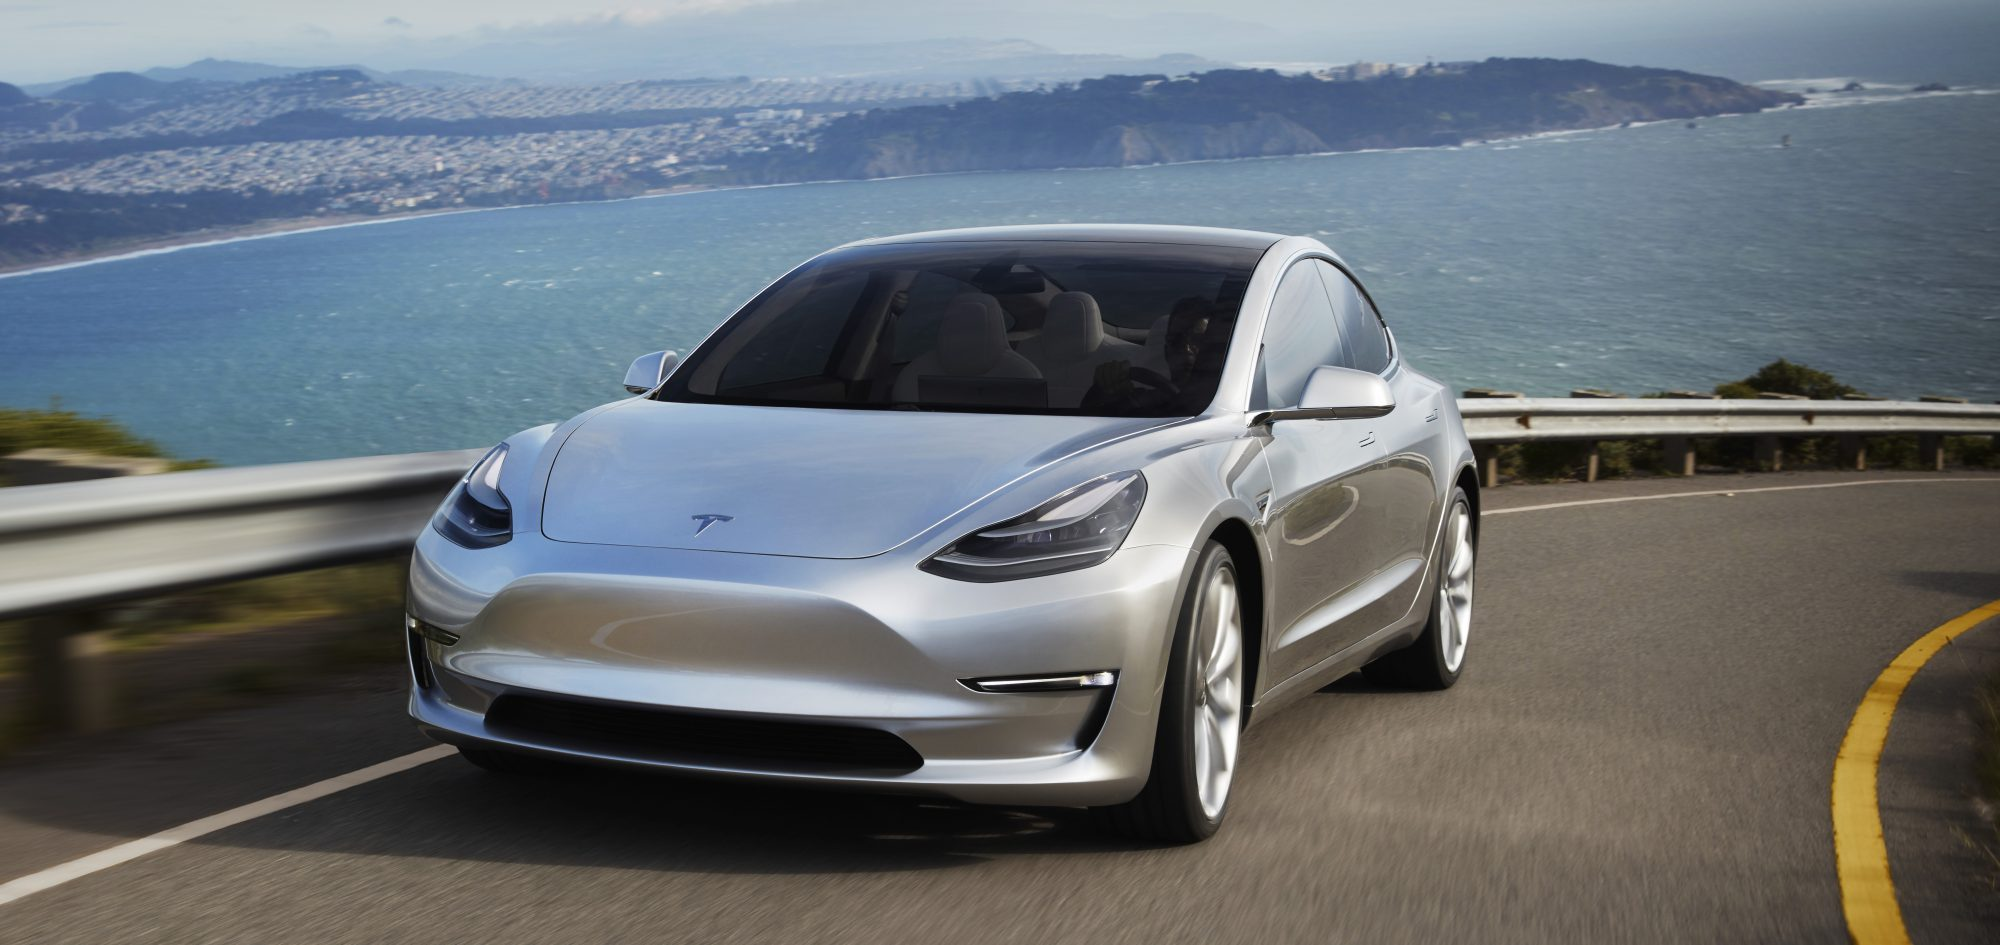 Tesla Model 3: все, что сейчас известно об этой модели электромобиля